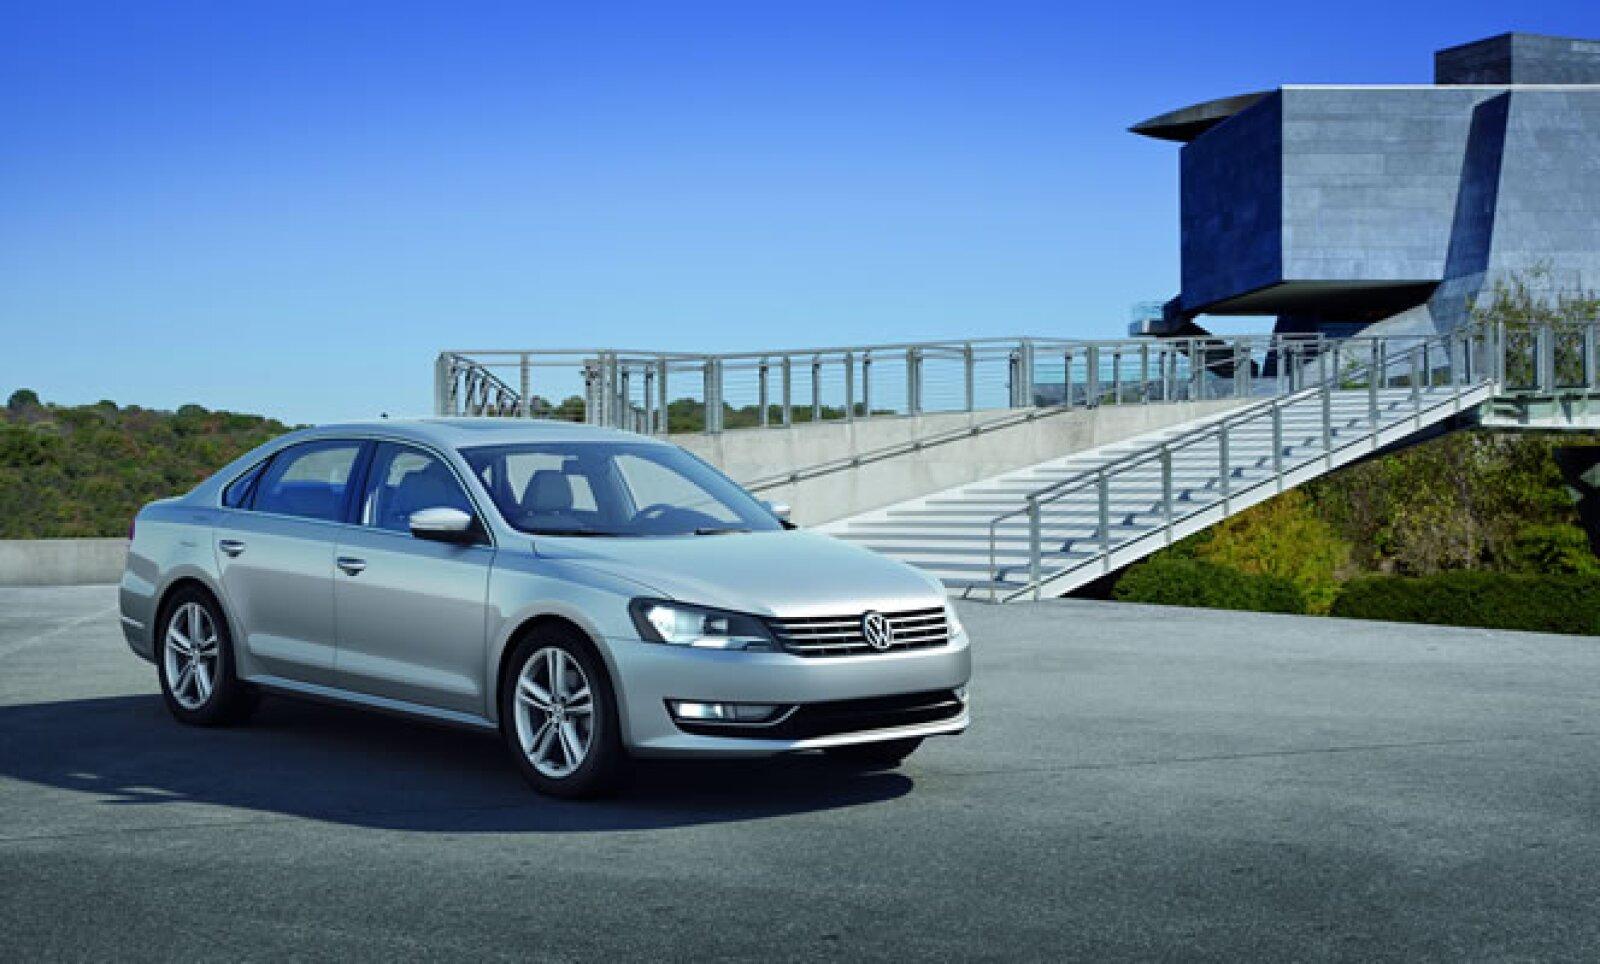 La marca Volkswagen presentó en México el Passat modelo 2012, cuyo distintivo son las líneas marcadas por el jefe de diseño de Grupo Volkswagen, Walter de Silva y su homólogo alemán, Klaus Bischoff.